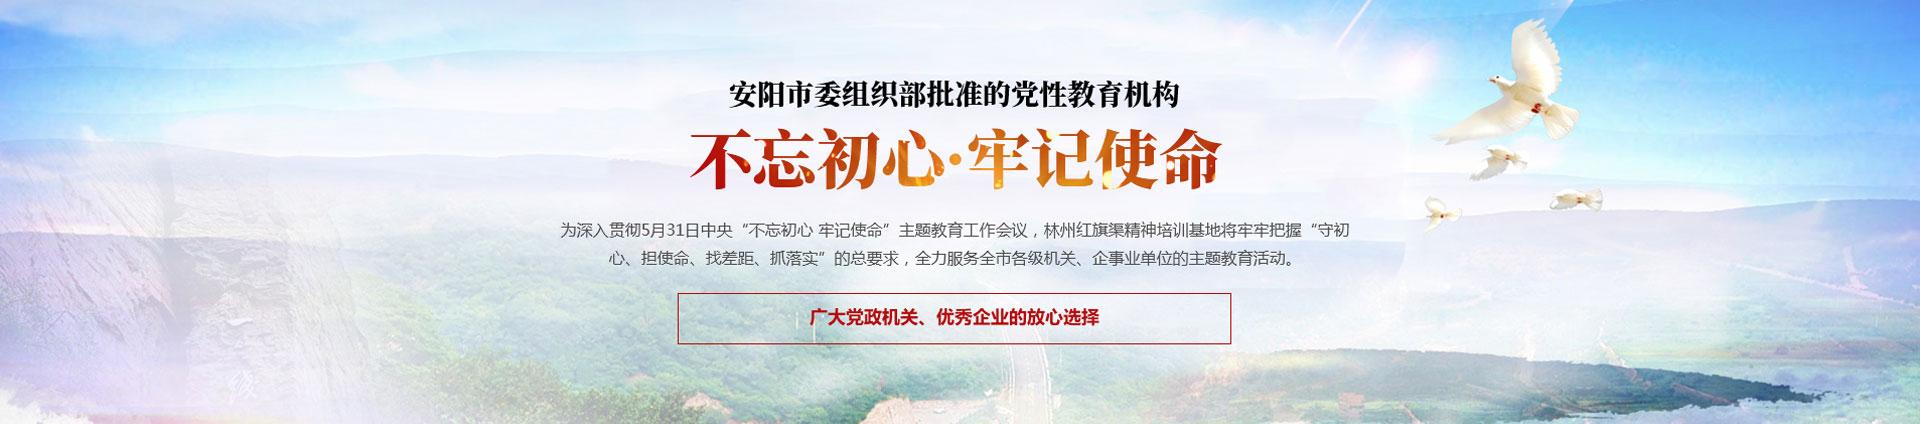 林州红旗渠精神培训中心党性教育培训